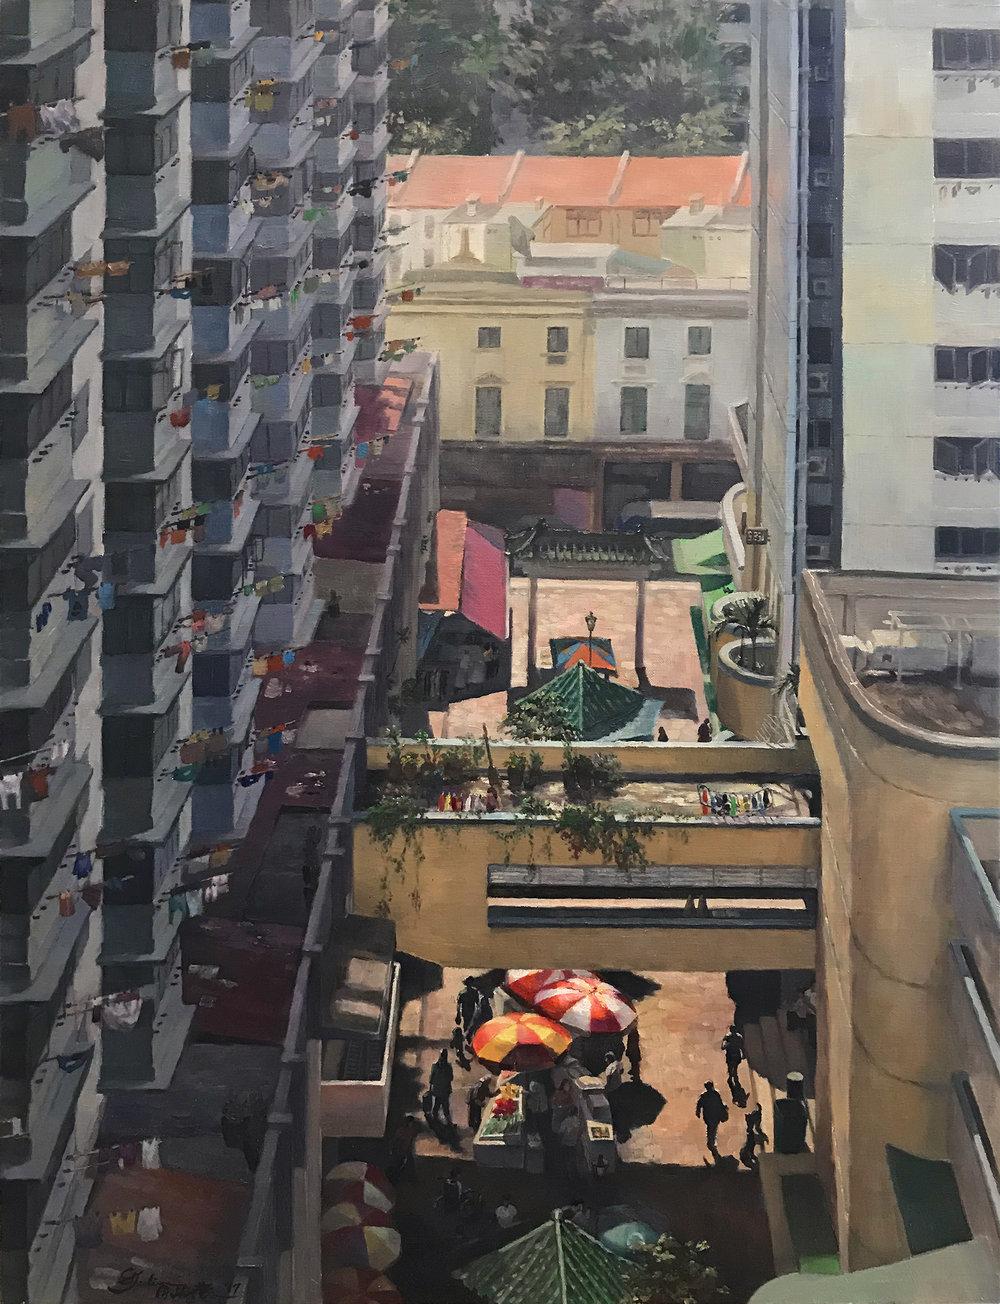 Juliana Chan, My Colourful Neighbourhood, Oil on Canvas, 76.2 cm x 60.96 cm x 4 cm,  http://www.nschanstudio.com